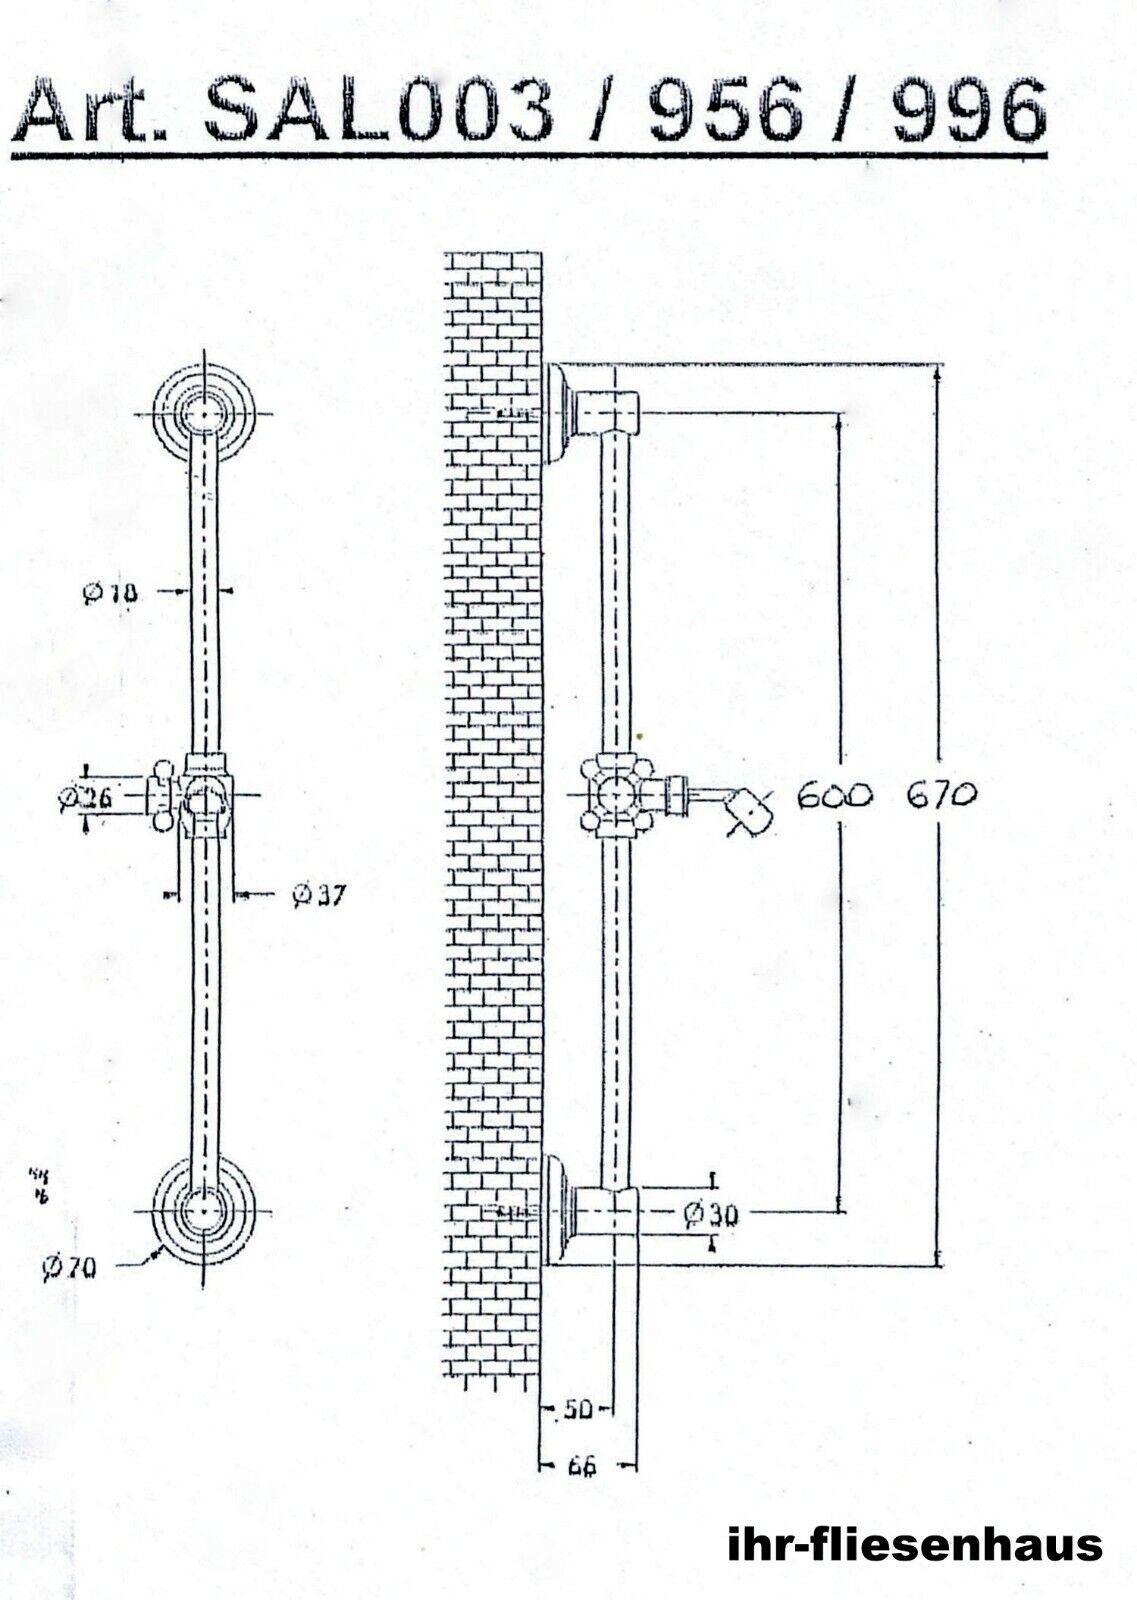 Retro Duschgarnitur Duschgarnitur Duschgarnitur bronze altmessing gebürstet Handbrause Epoca m. weißem Griff | Bunt,  147c43